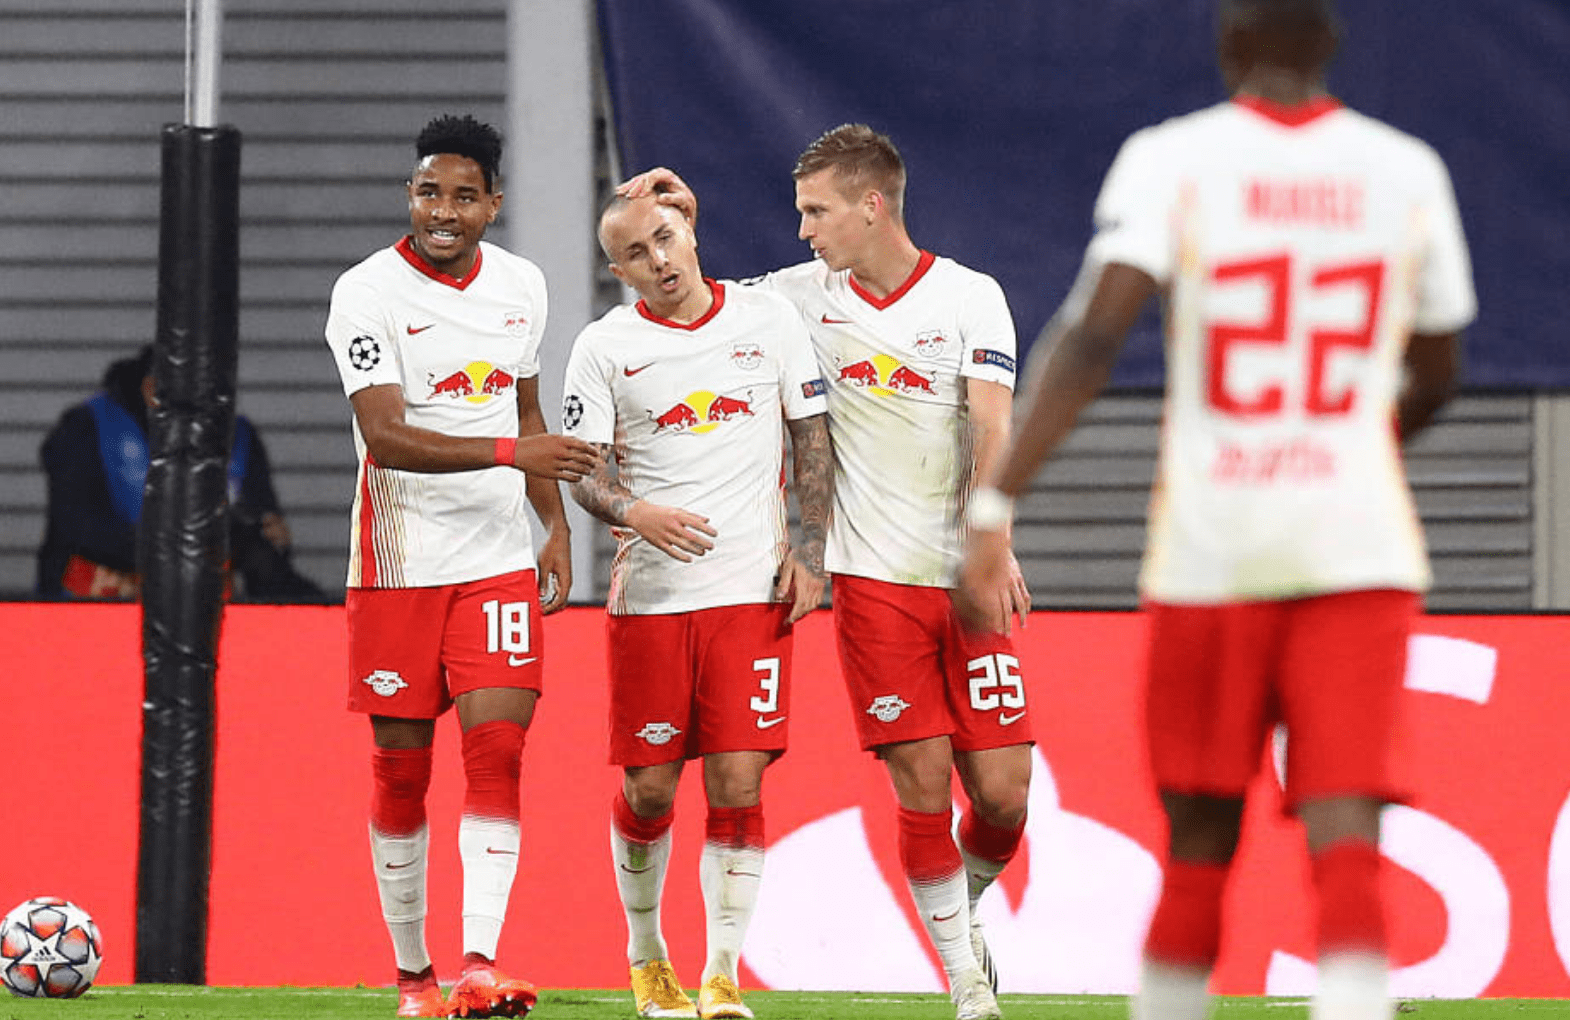 欧冠-曼城租将双响莱比锡2-0布鲁日2-1绝杀泽尼特